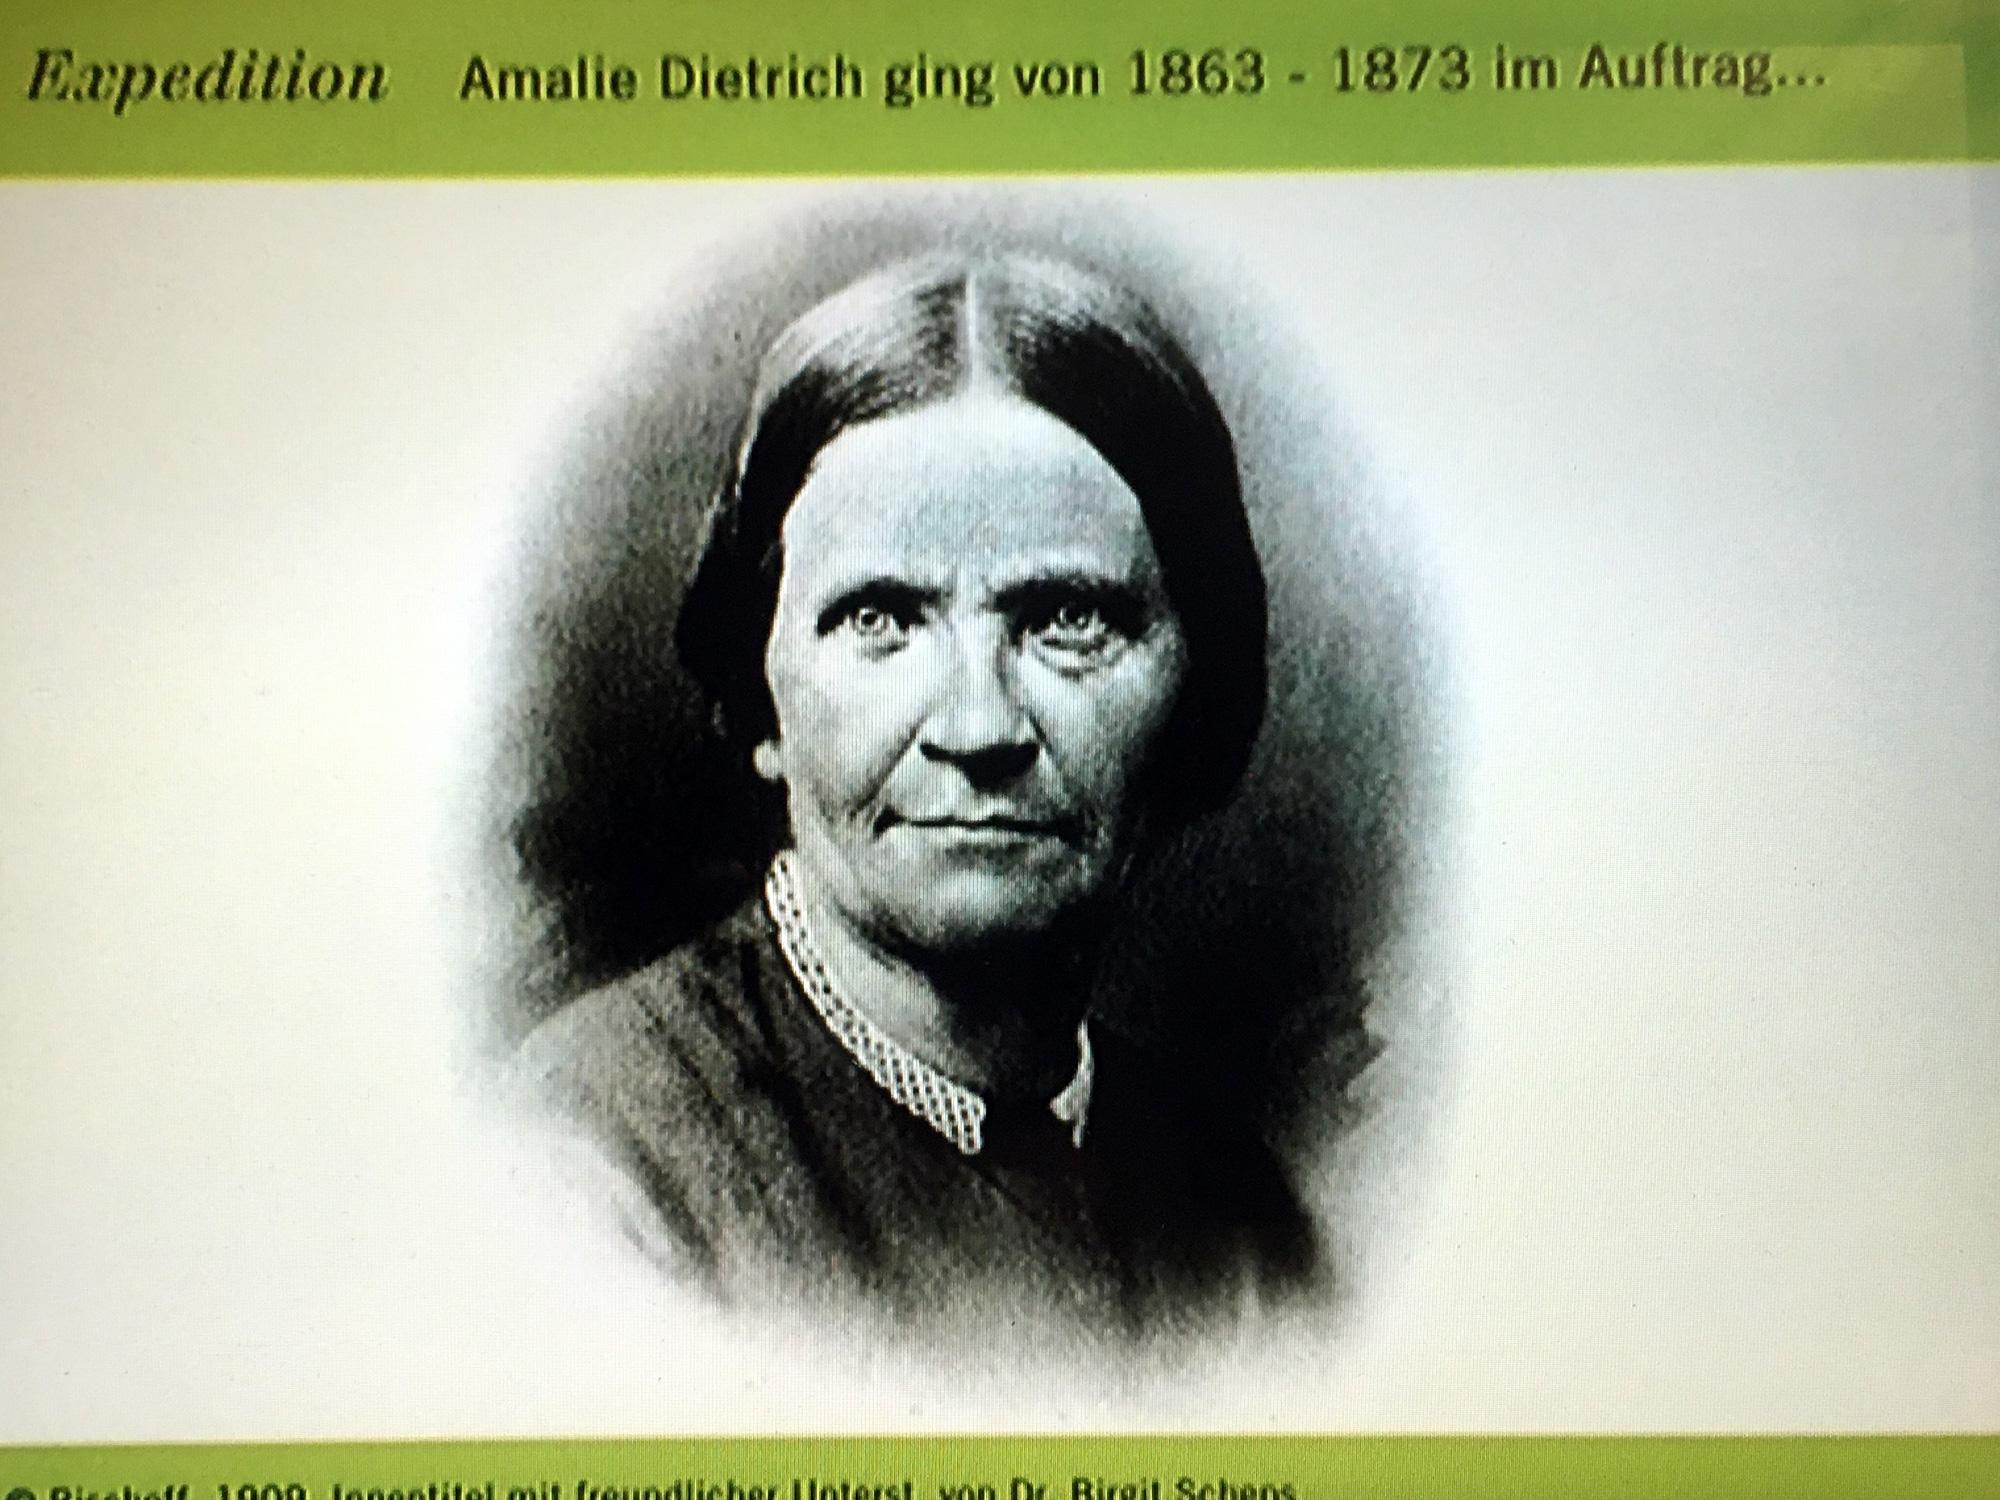 Reprografie Amalie Dietrich im Museum für Naturkunde, Berlin ©K. Schwahlen 2019